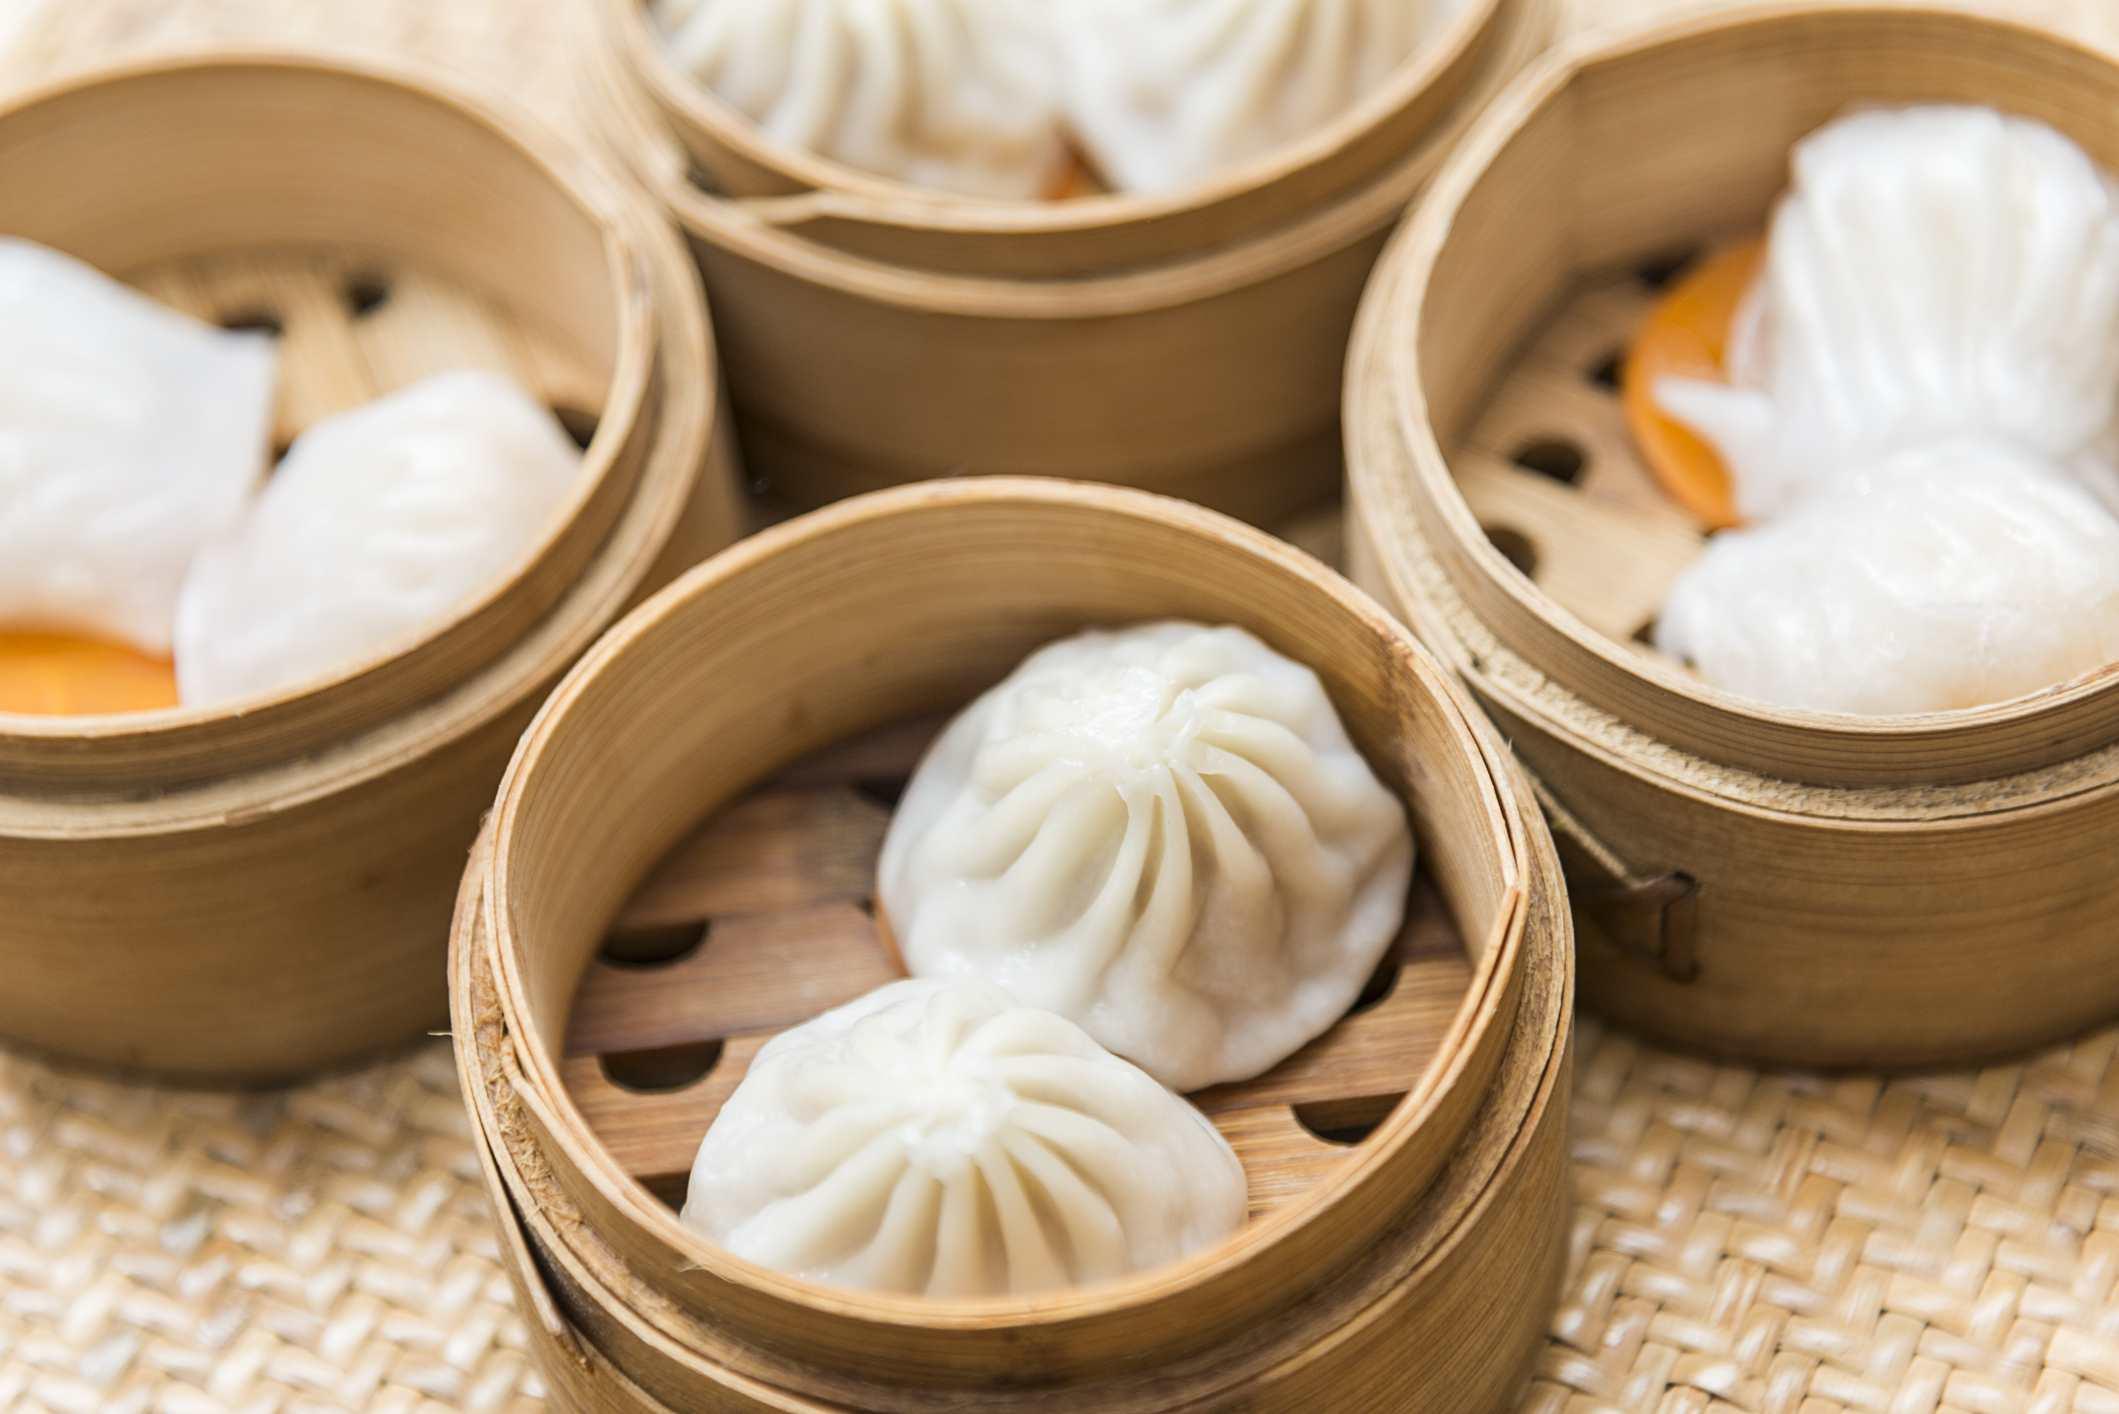 Bao buns in bamboo baskets.